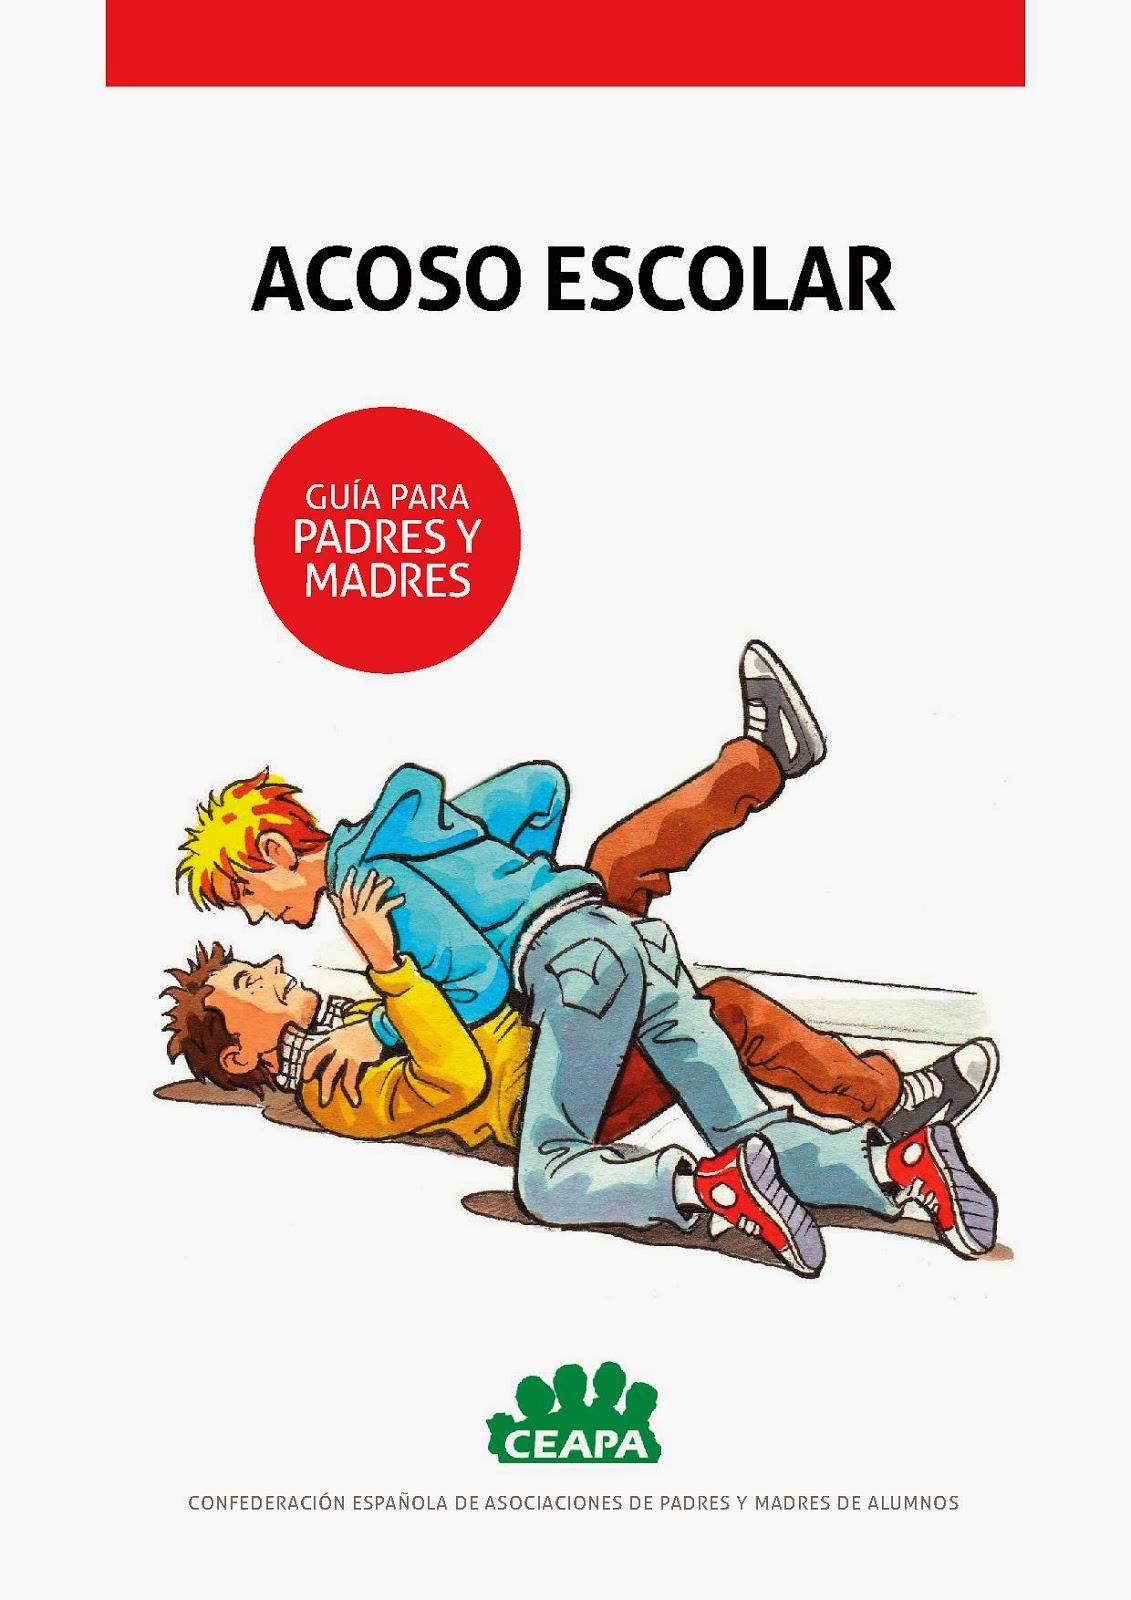 Guía de Acoso Escolar